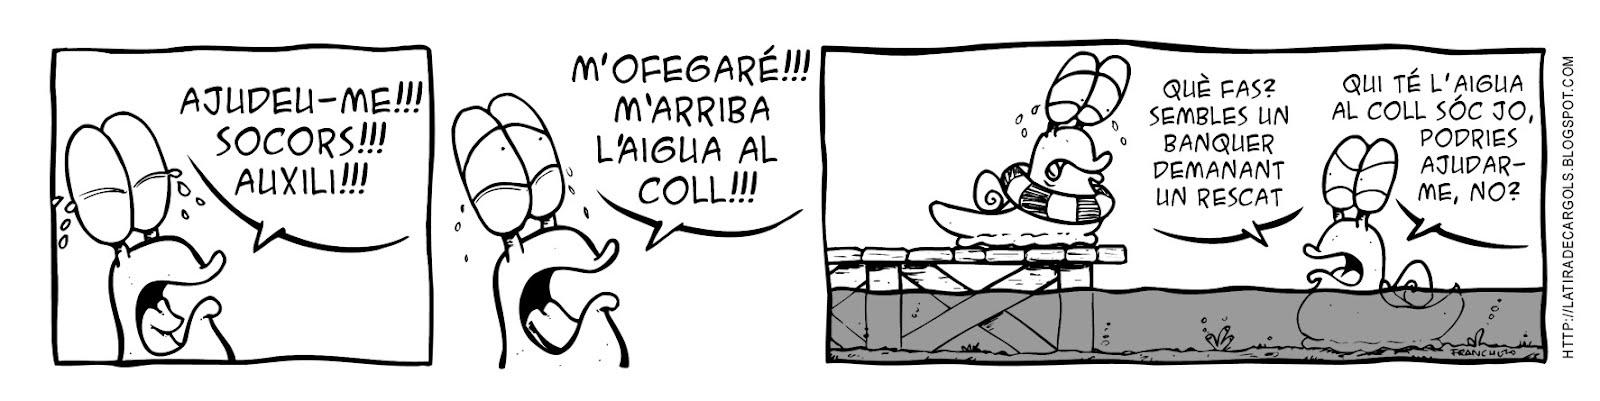 Tira comica 127 del webcomic Cargols del dibuixant Franchu de Barcelona